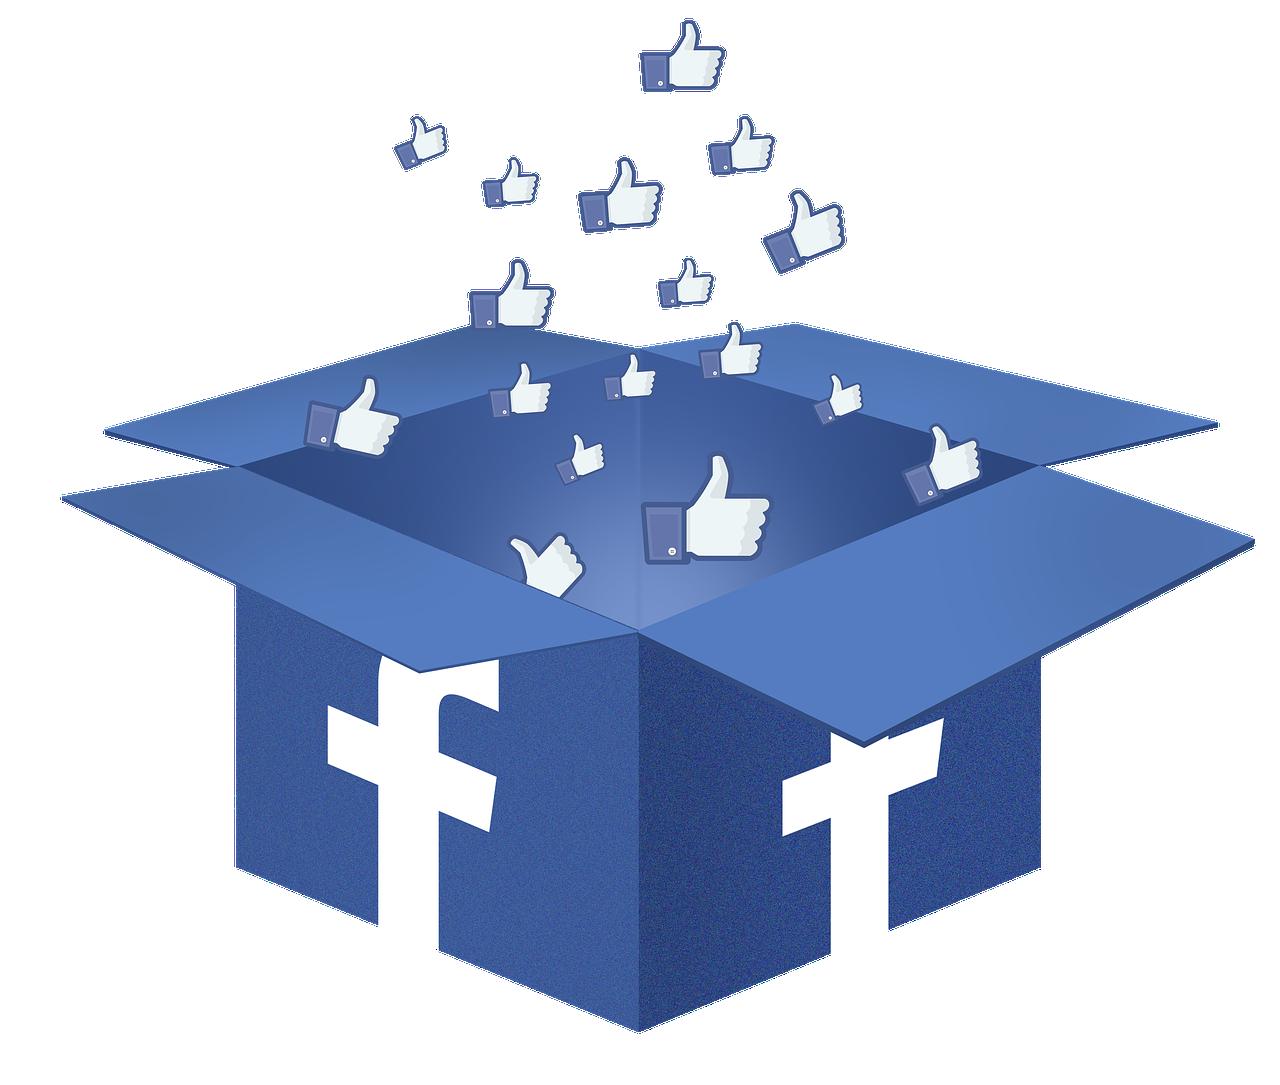 Tổng hợp 7 hình thức bán hàng siêu hiệu quả trên Facebook